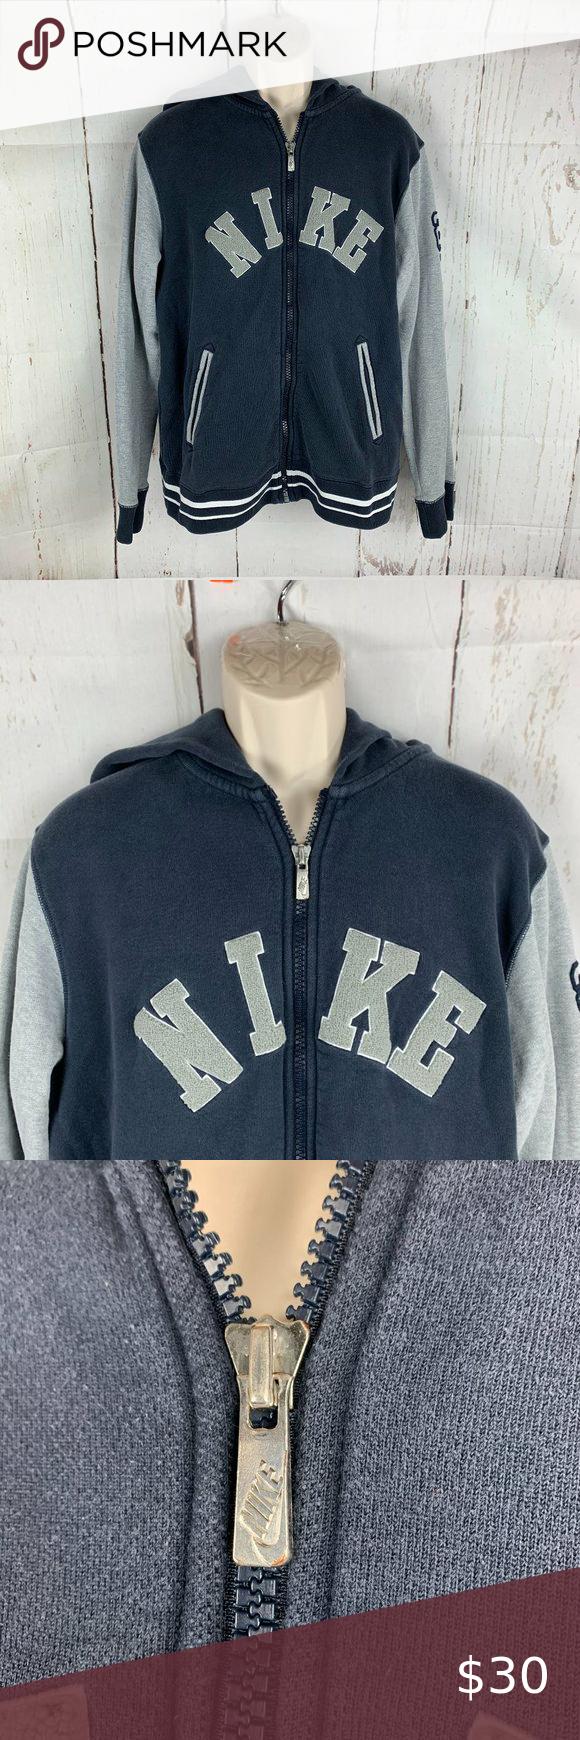 Vintage Nike Spellout Full Zip Hoodie Sweatshirt Vintage Nike Men S Size Xl Navy Blue Gray Spellout Full Zip Hoodie Sweatshirt Sweatshirts Hoodie Vintage Nike [ 1740 x 580 Pixel ]